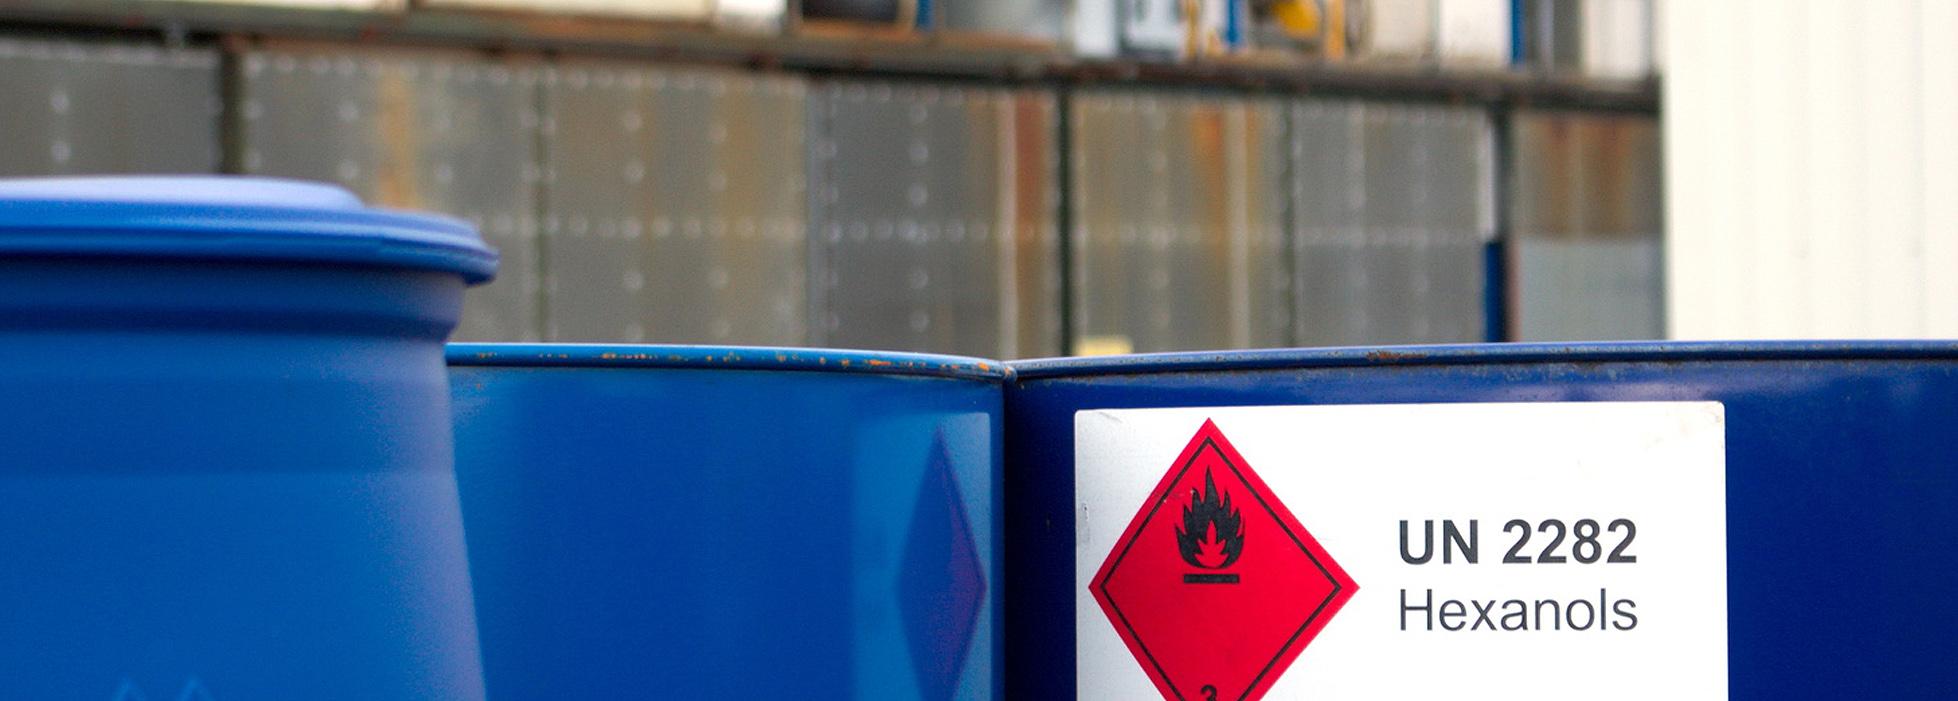 Gefahrstoffrecht-beratung-berlin